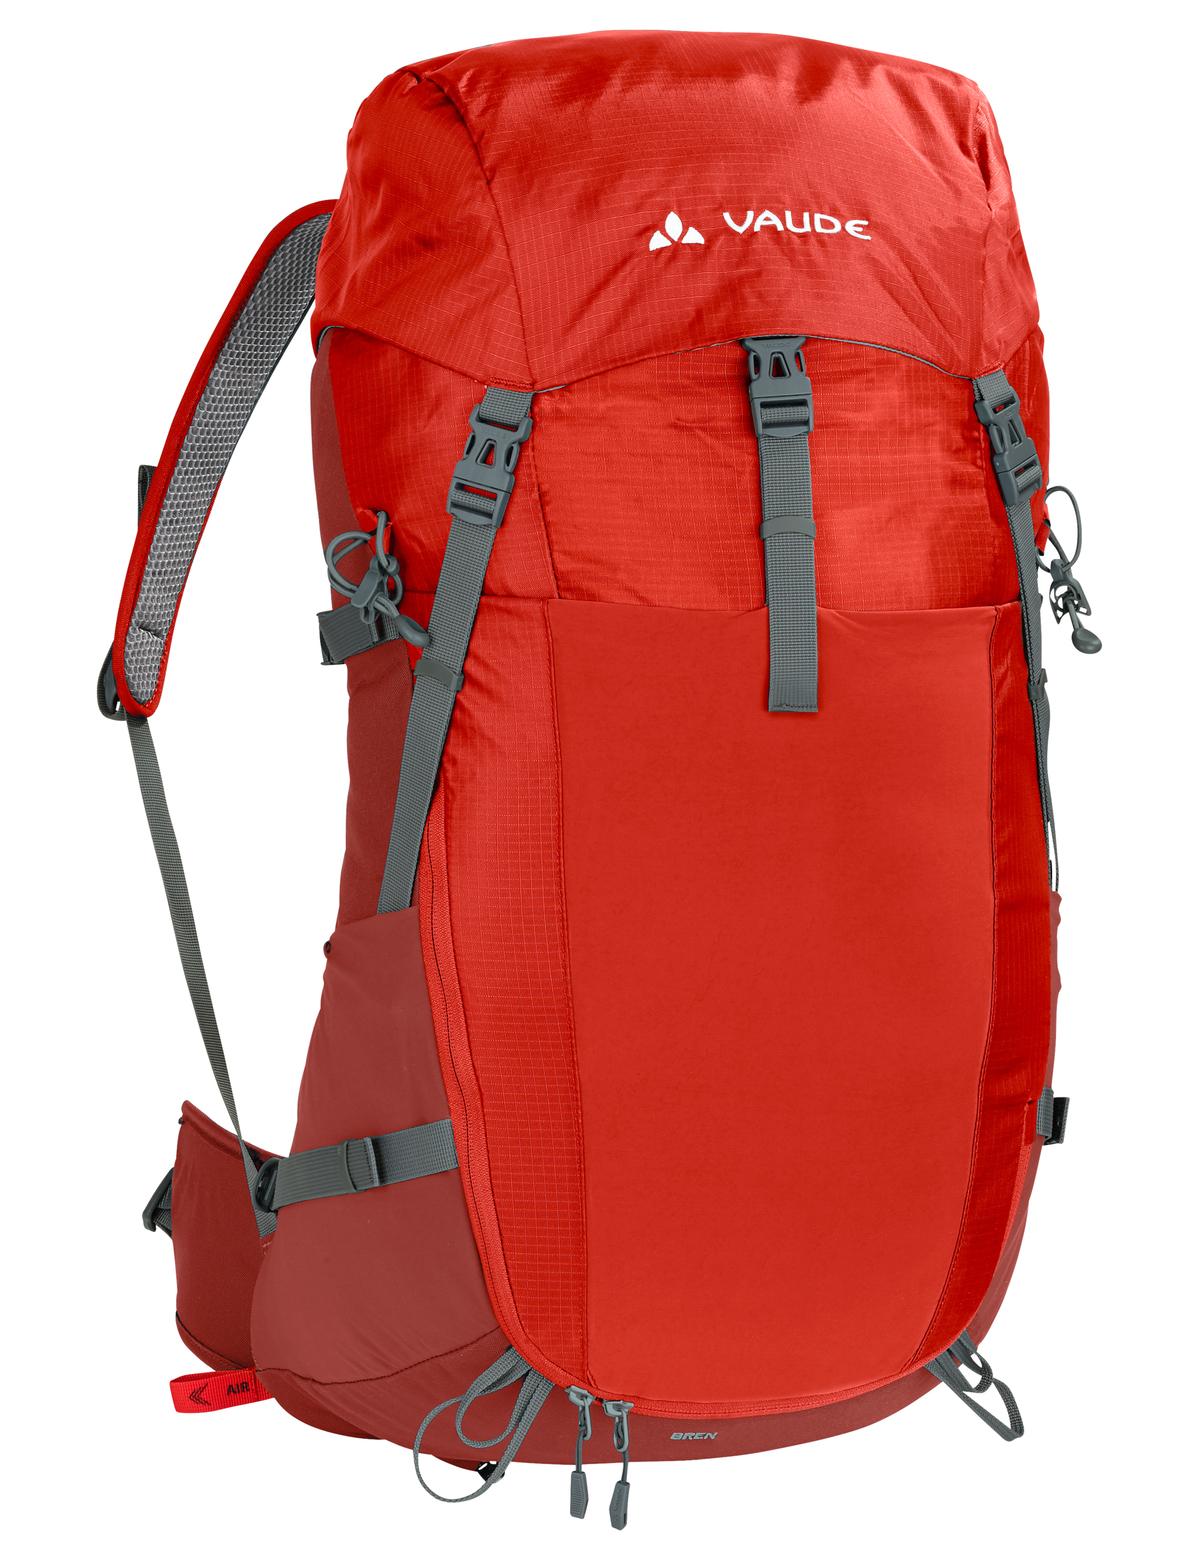 a basso prezzo 05c50 78a35 I migliori zaini da trekking da 40 litri - I migliori ...